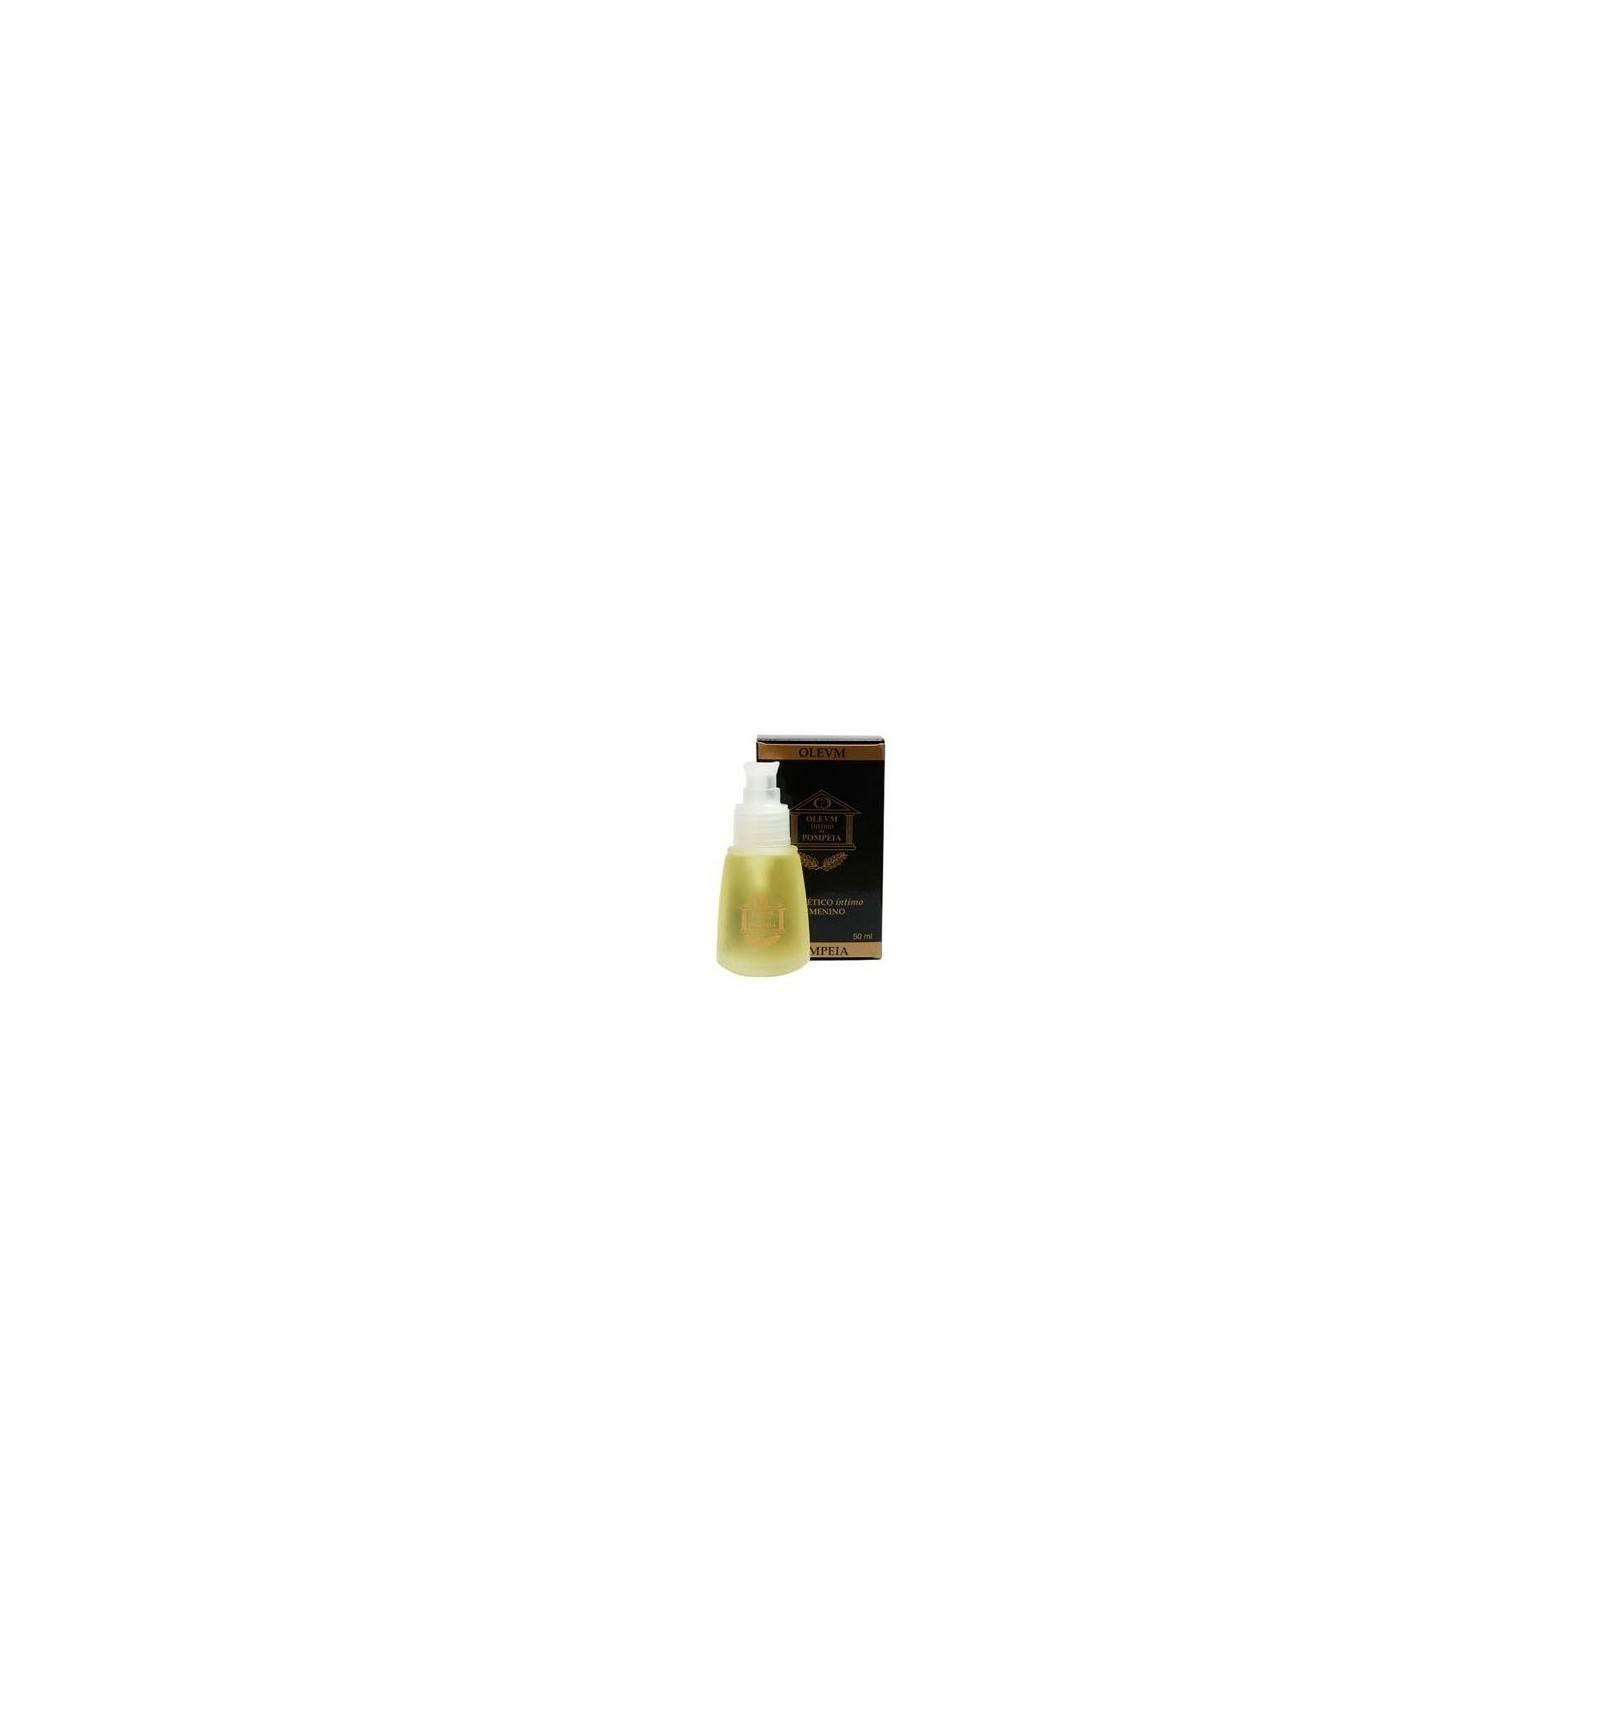 Olevm íntimo di Pompeia, 50ml, toilette con dosificador